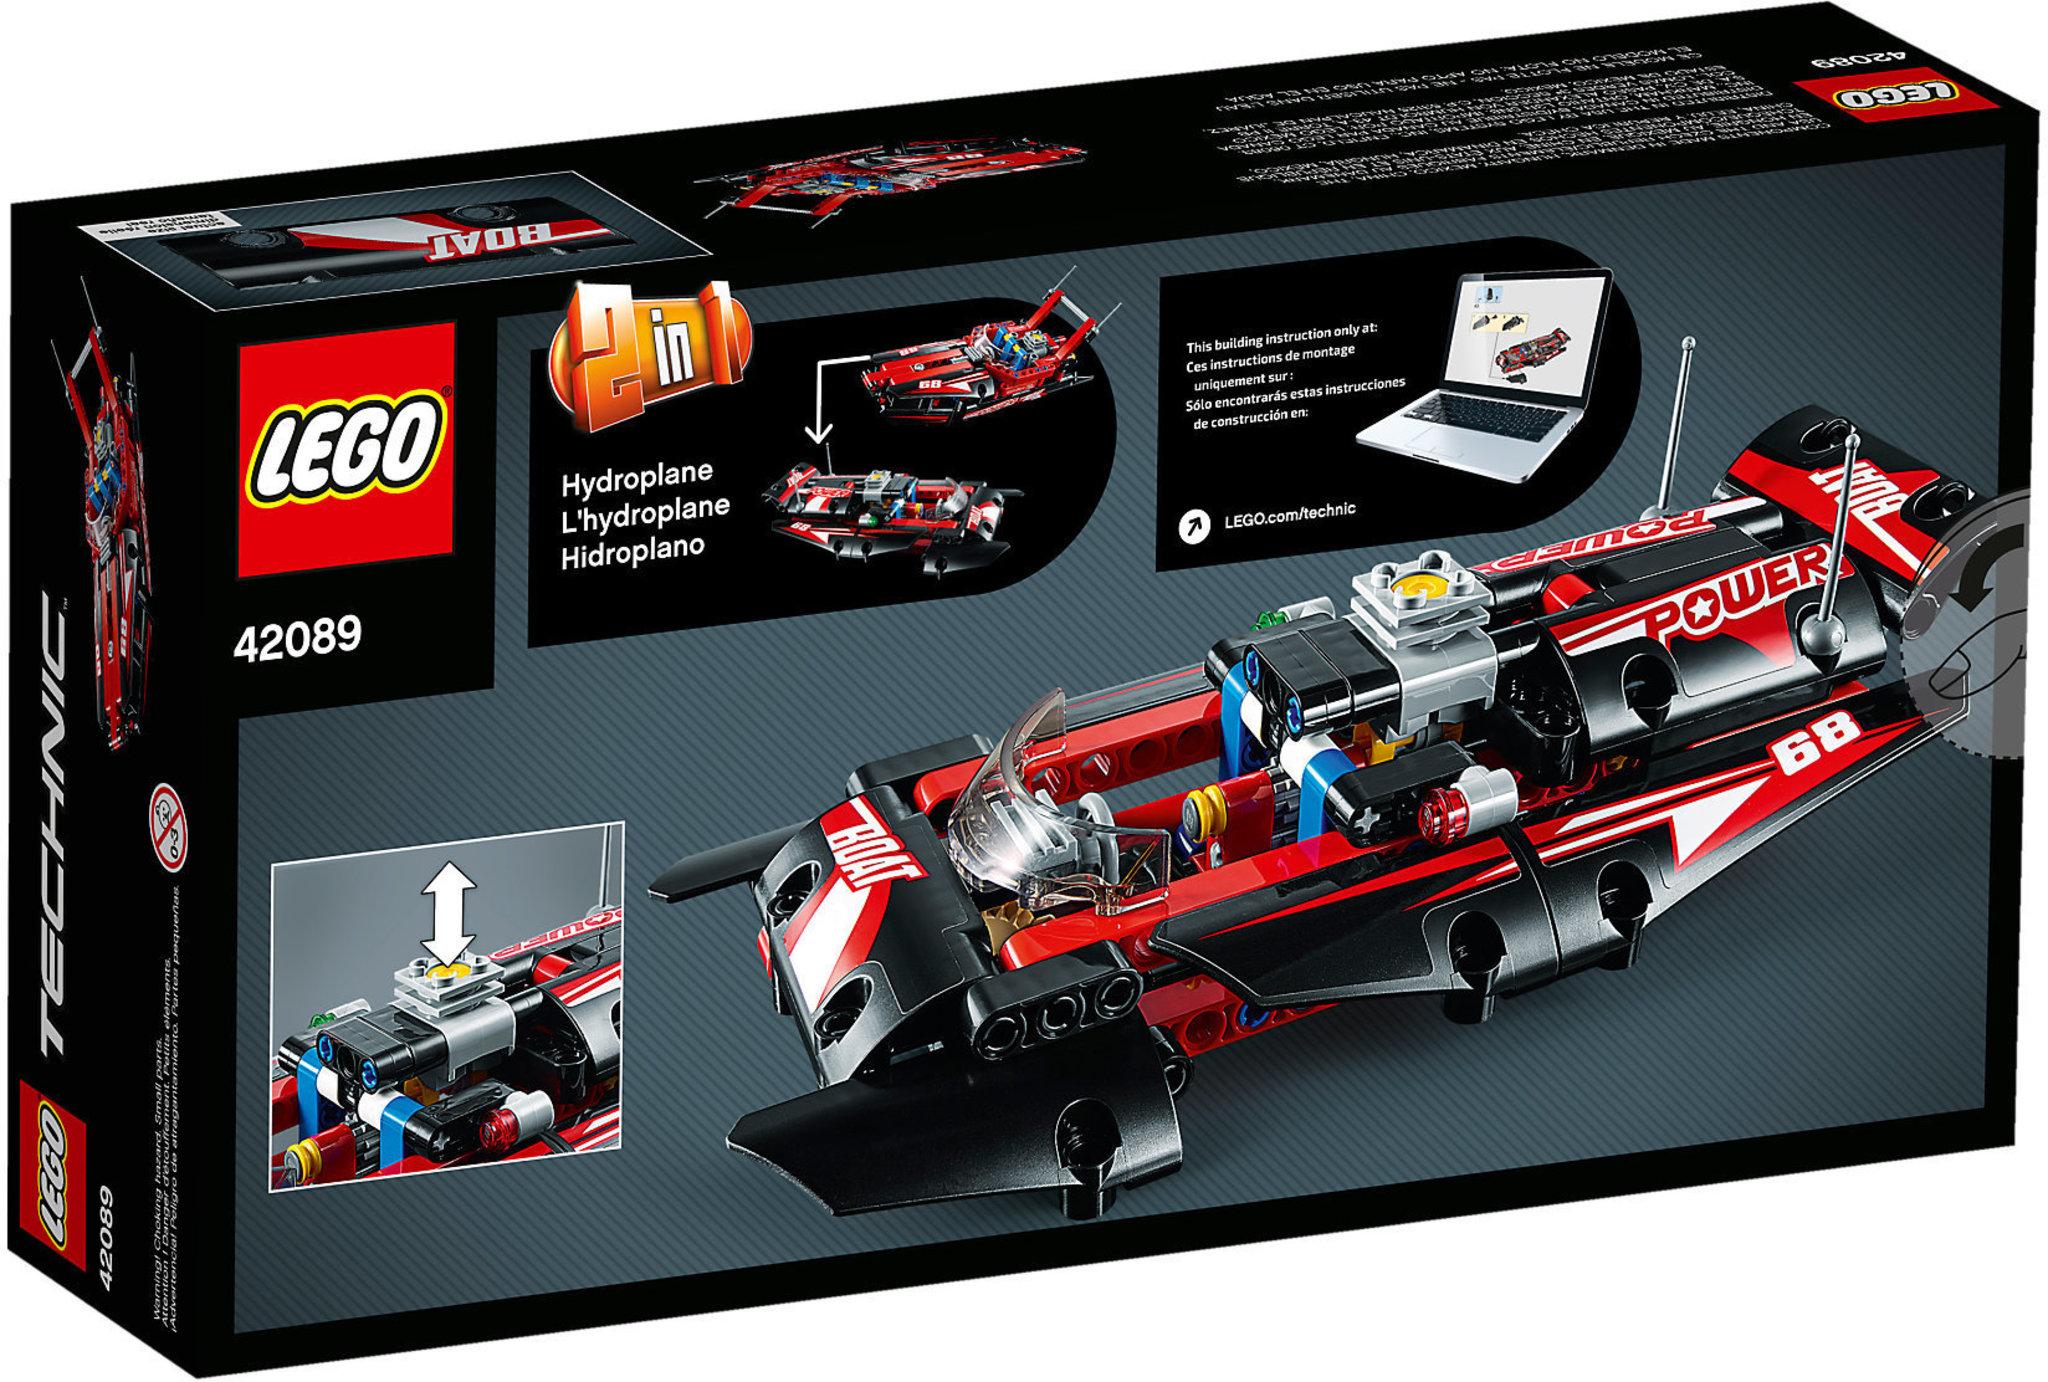 Lego Technic 42089 Power Boat Mattonito